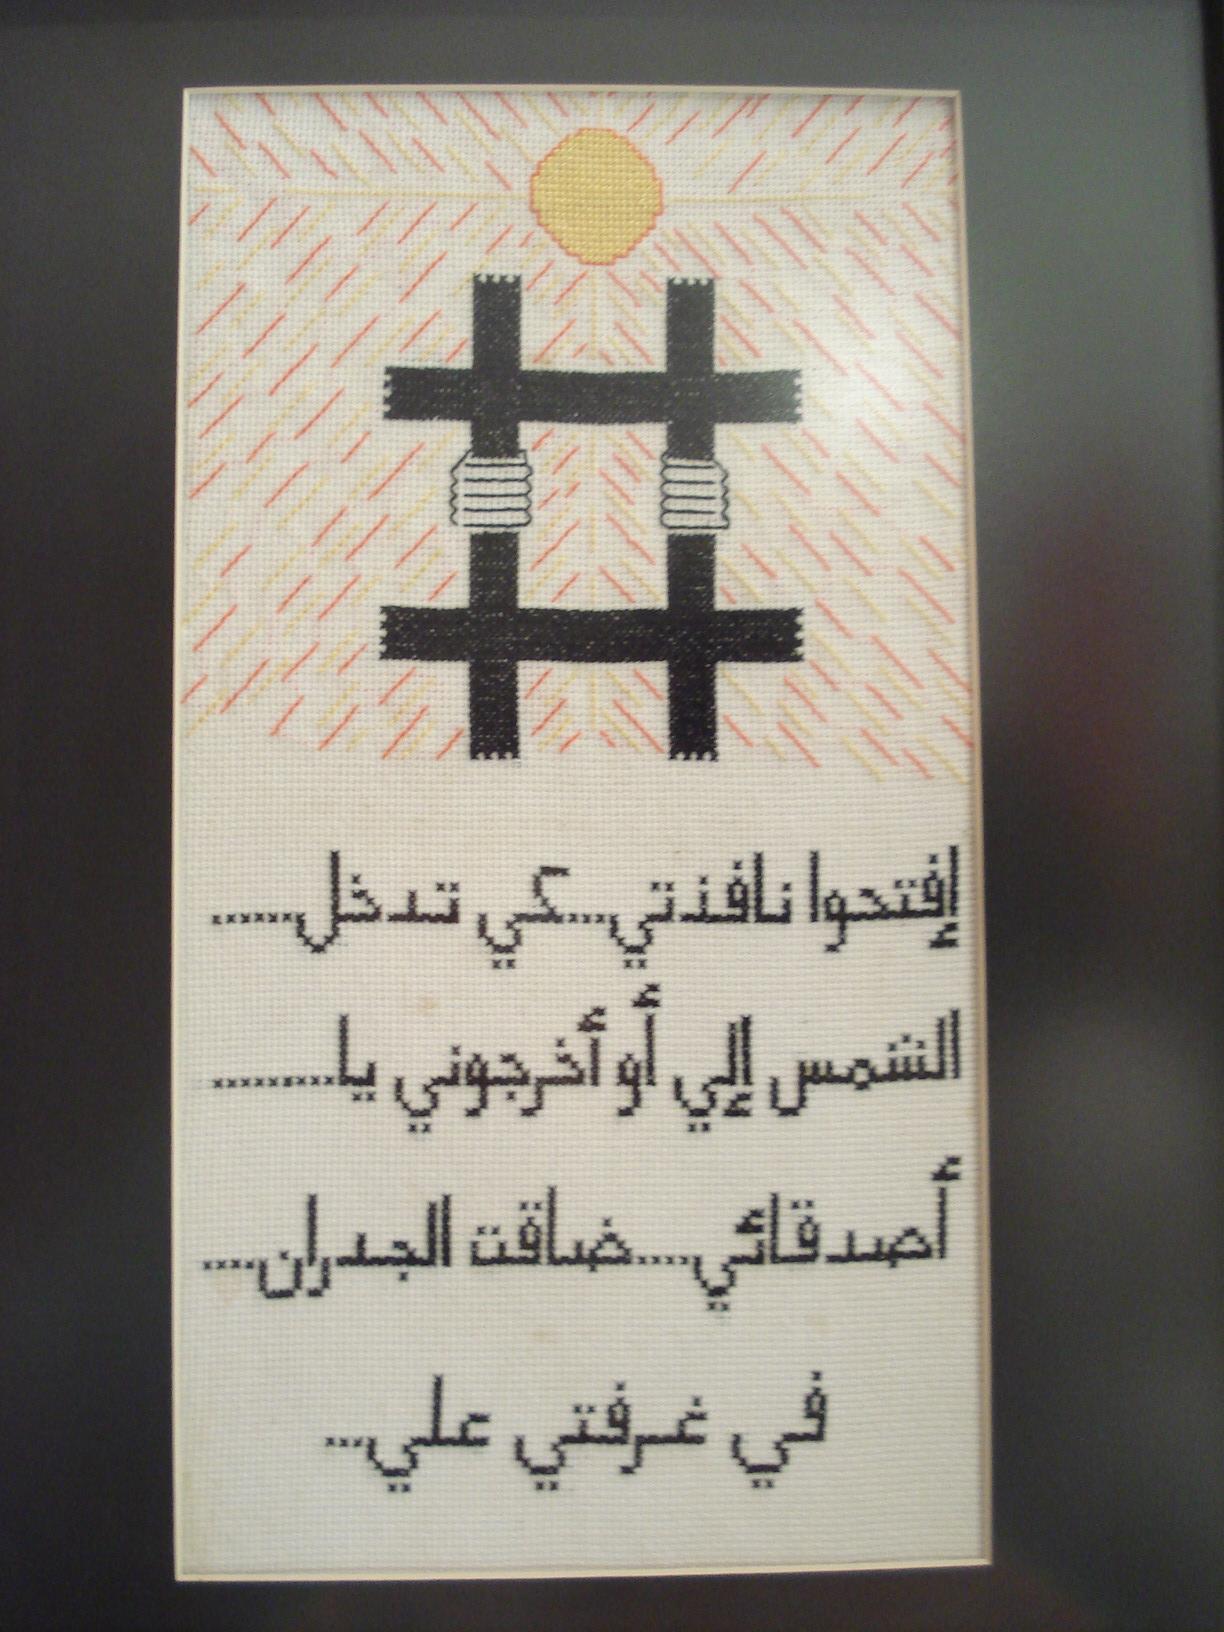 Dsc Arabic Salma Youssef Voices